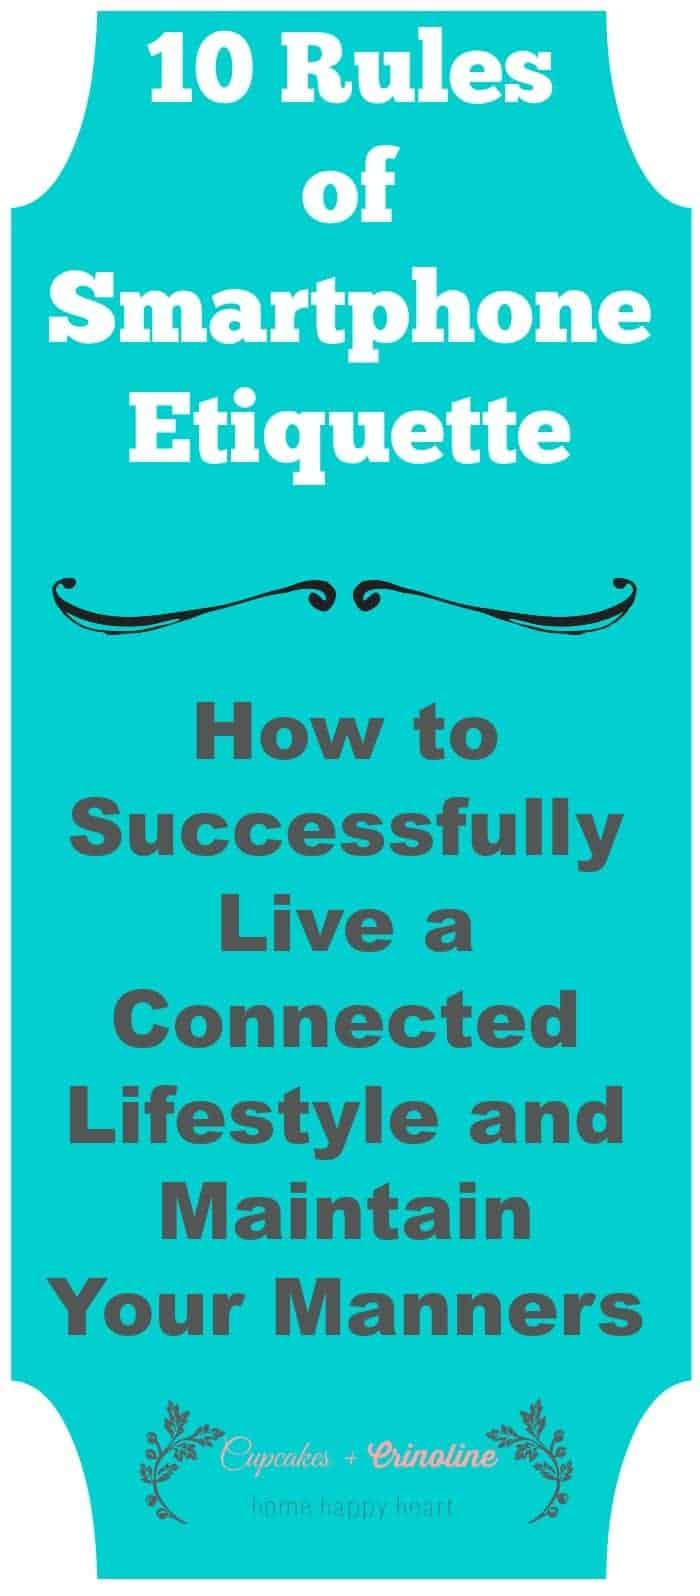 10-rules-of-smartphone-etiquette-from-cupcakesandcrinoline.com